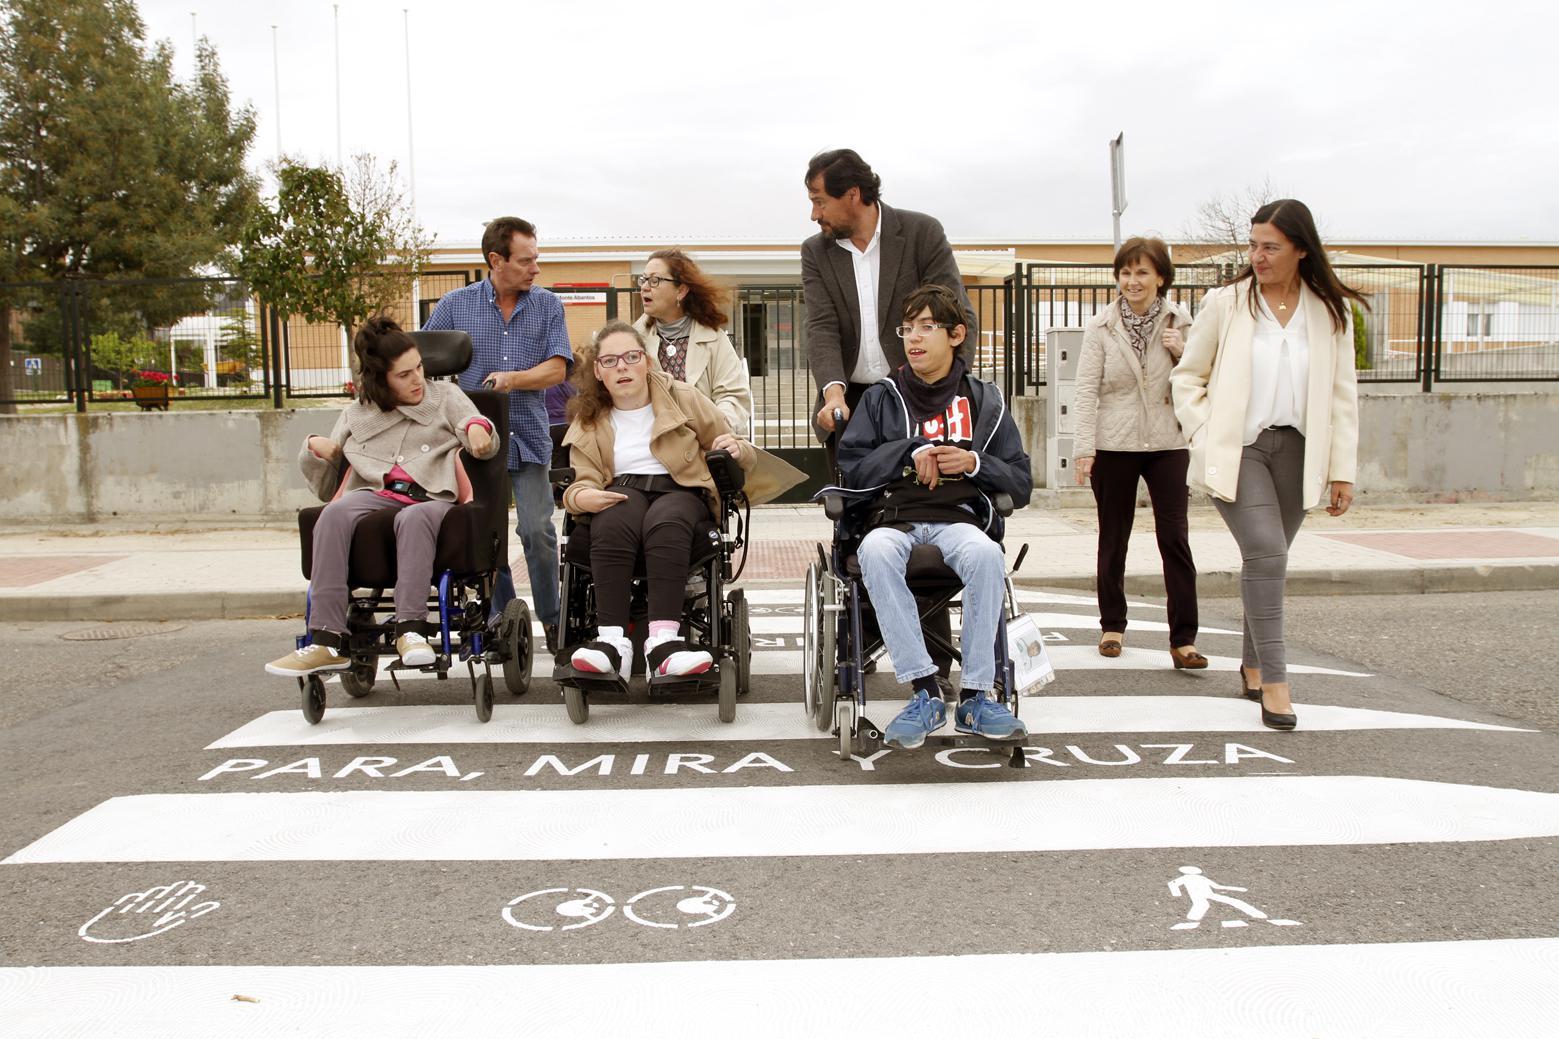 Para, mira y cruza se pinta en los pasos de peatones de los colegios para evitar atropellos